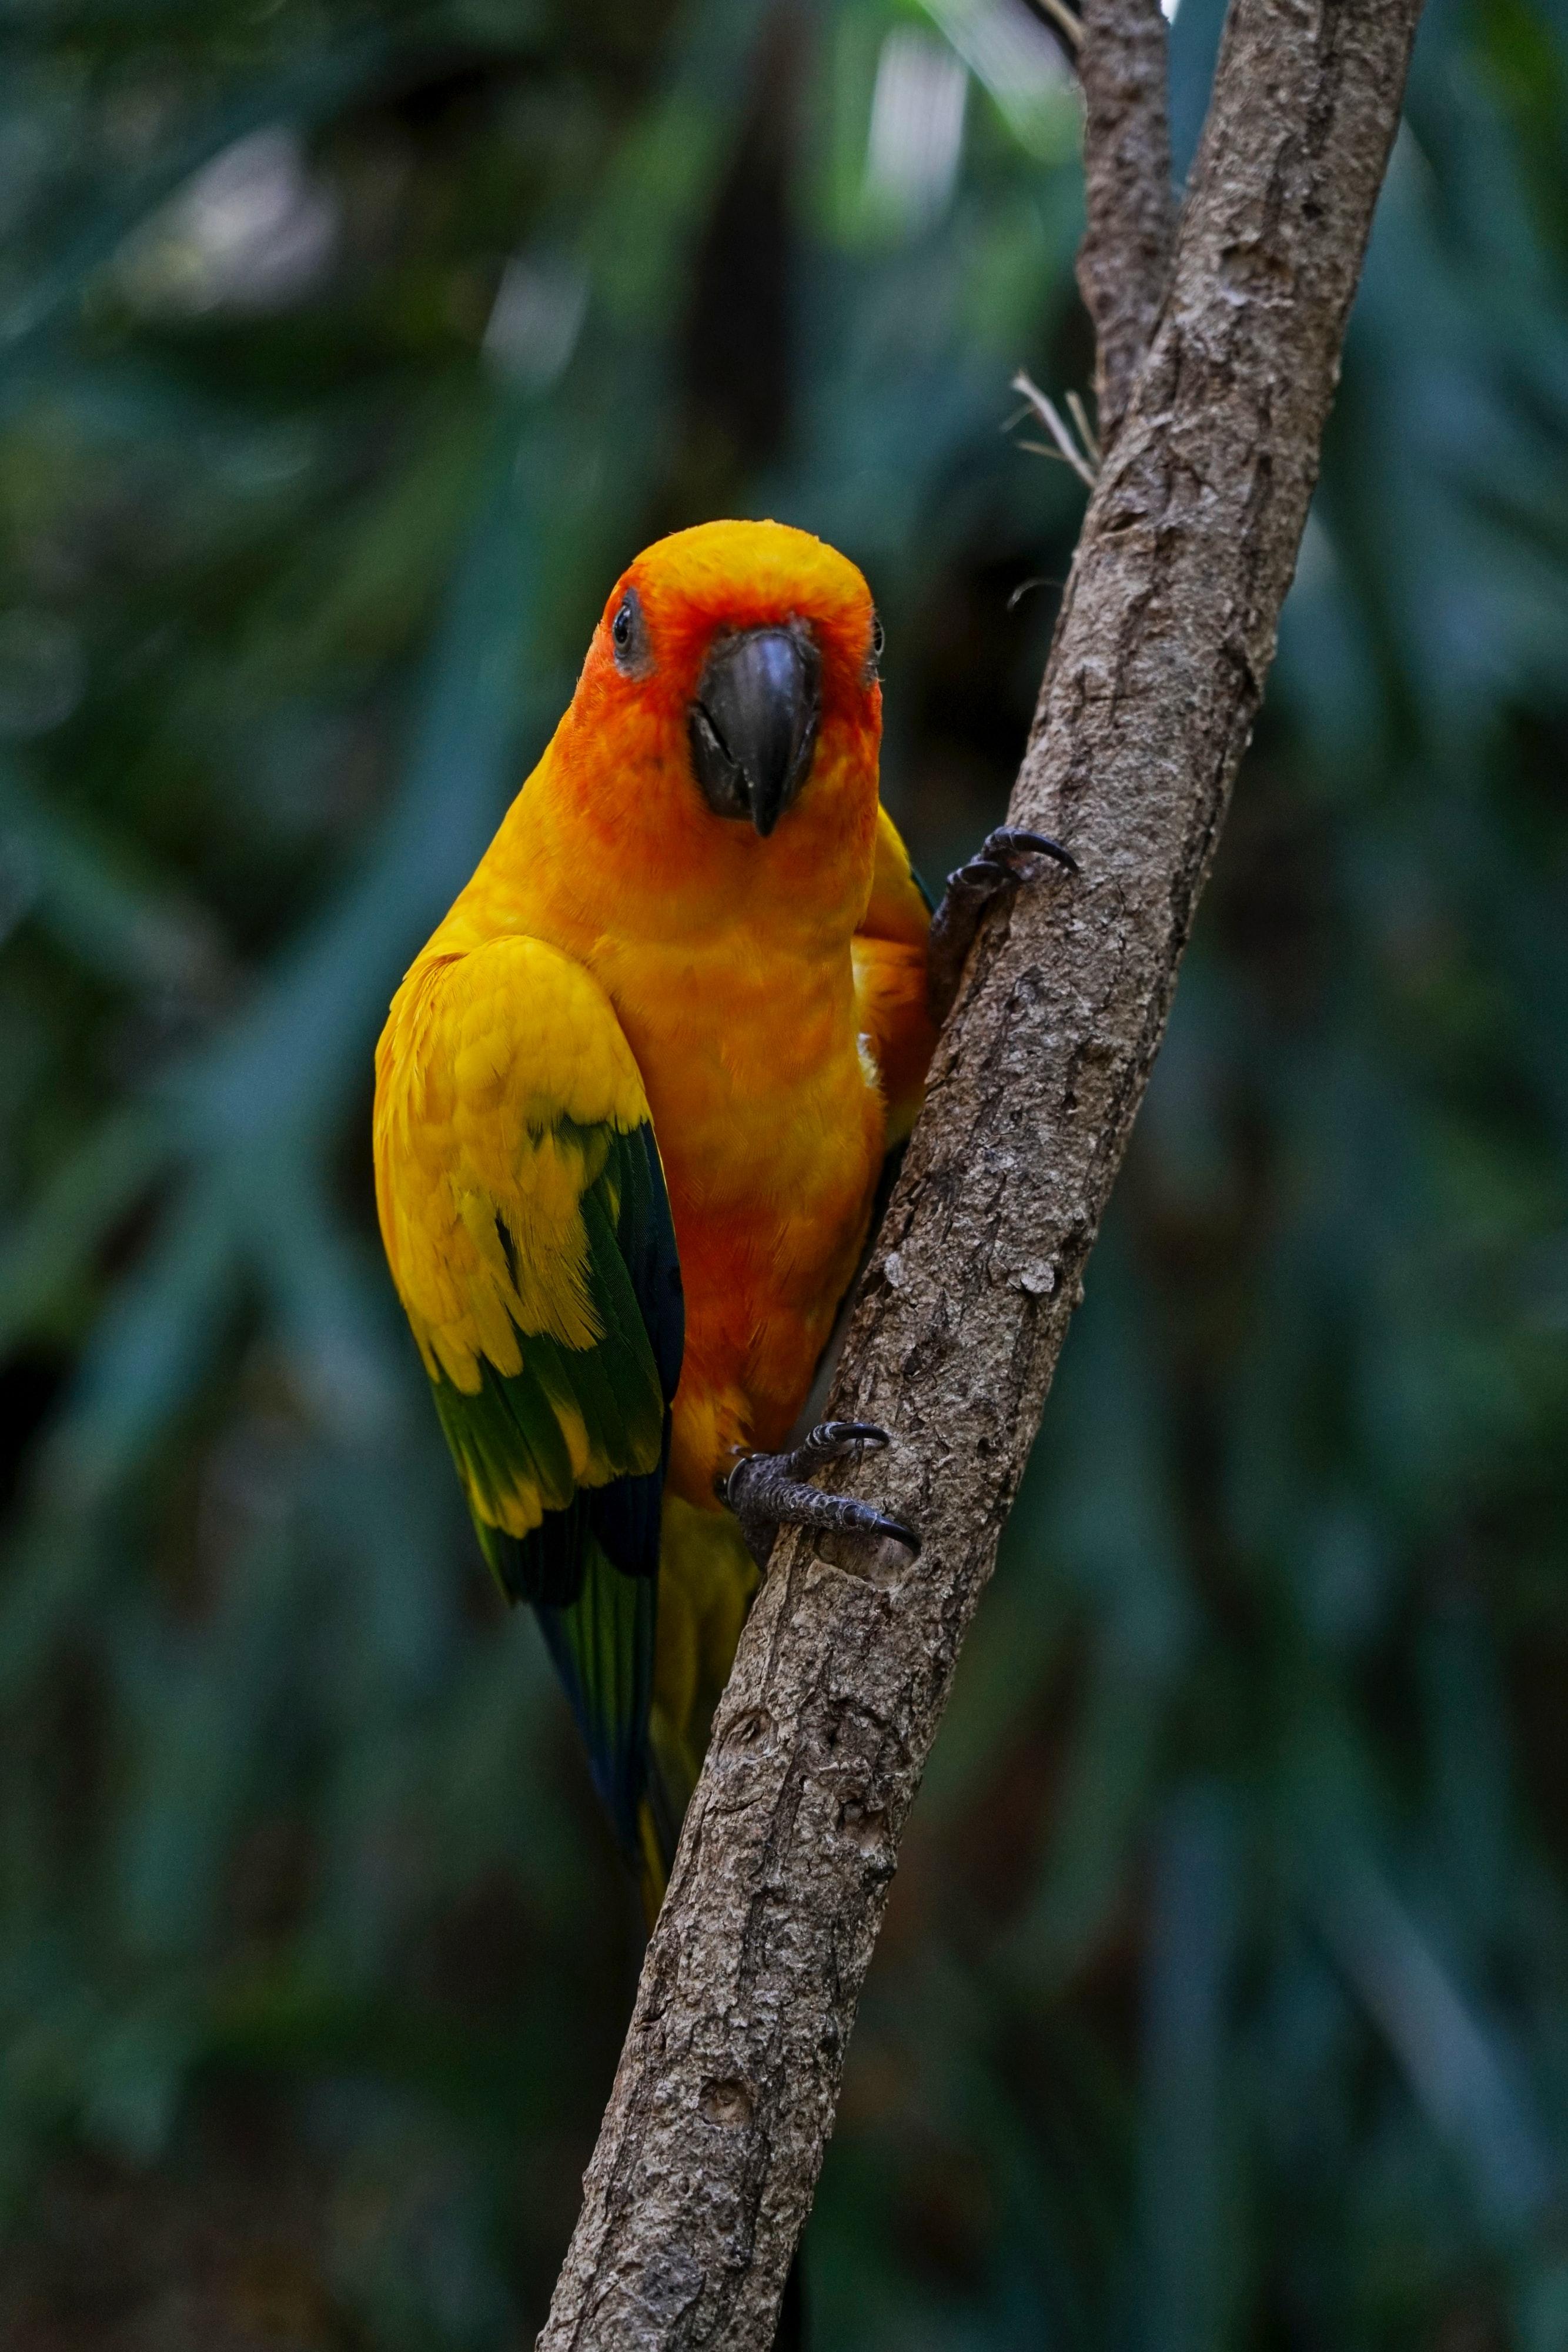 73938 Заставки и Обои Попугаи на телефон. Скачать Попугаи, Животные, Птица, Разноцветный, Ветка, Аратинга картинки бесплатно